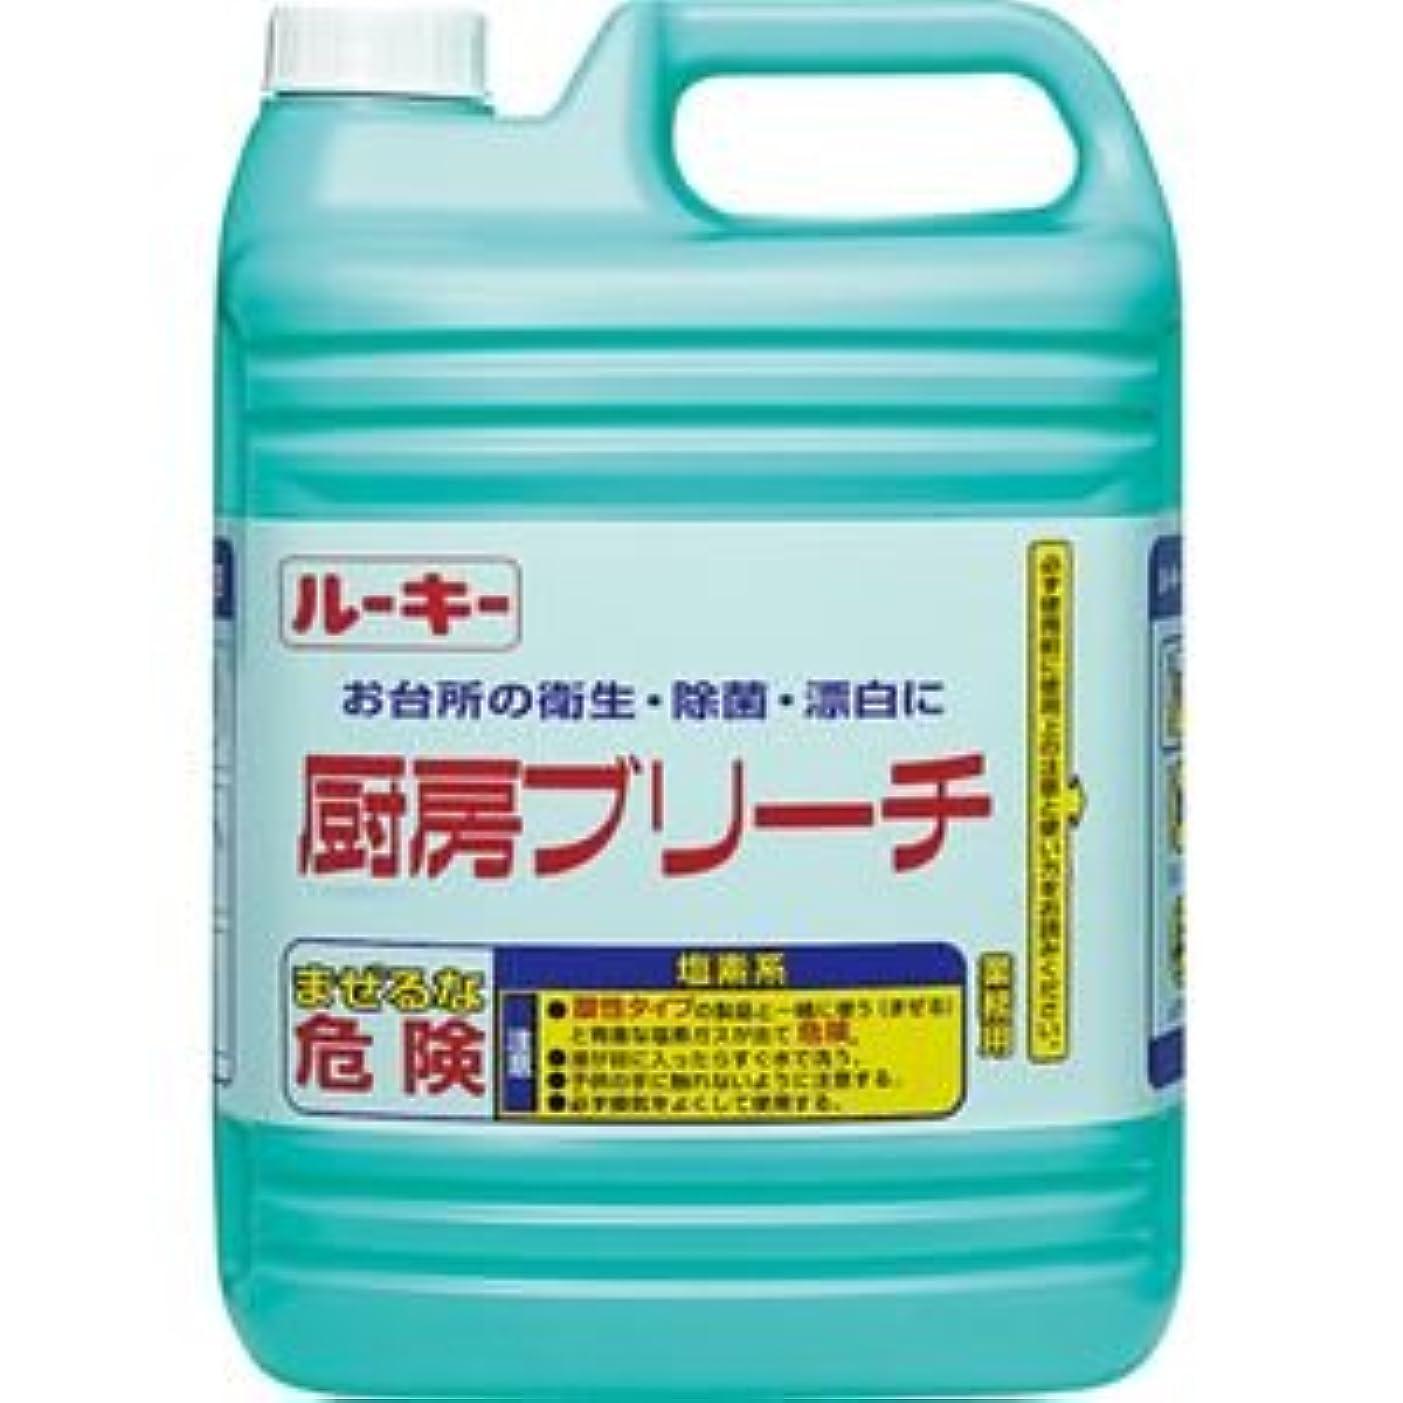 (まとめ) 第一石鹸 ルーキー 厨房ブリーチ 業務用 5kg 1本 【×5セット】